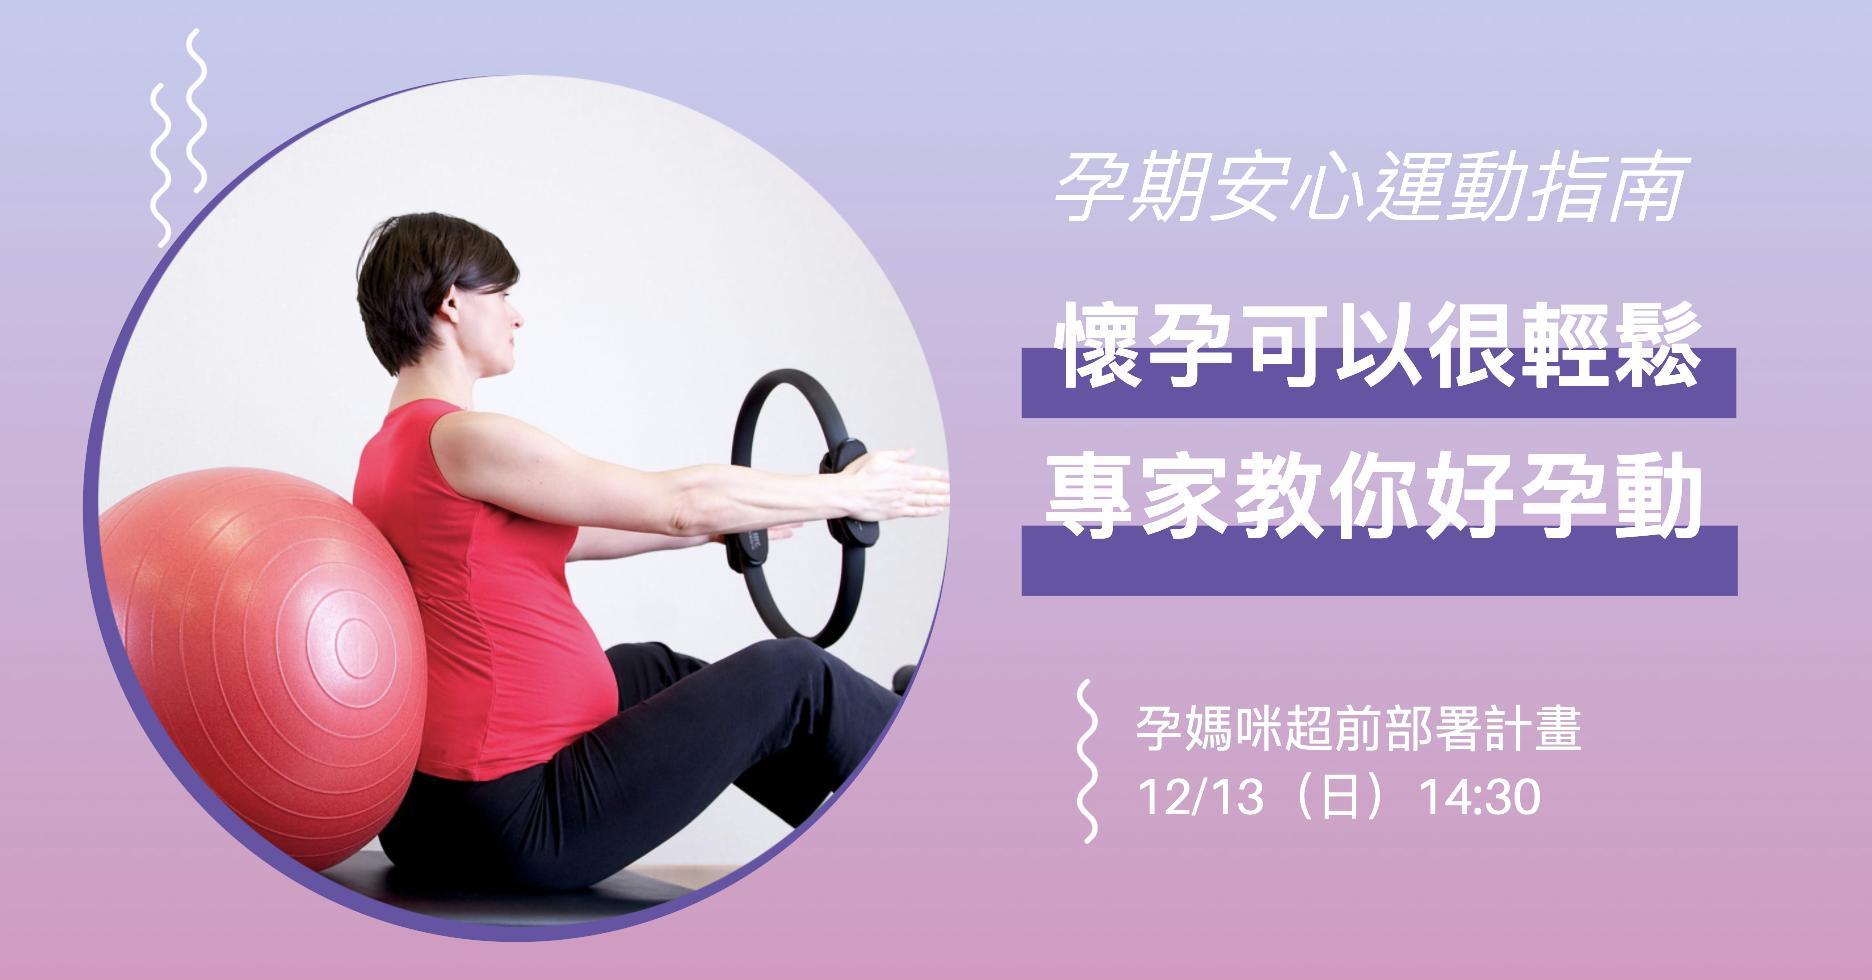 12/13(日)孕媽咪超前部署計畫:孕期安心運動指南